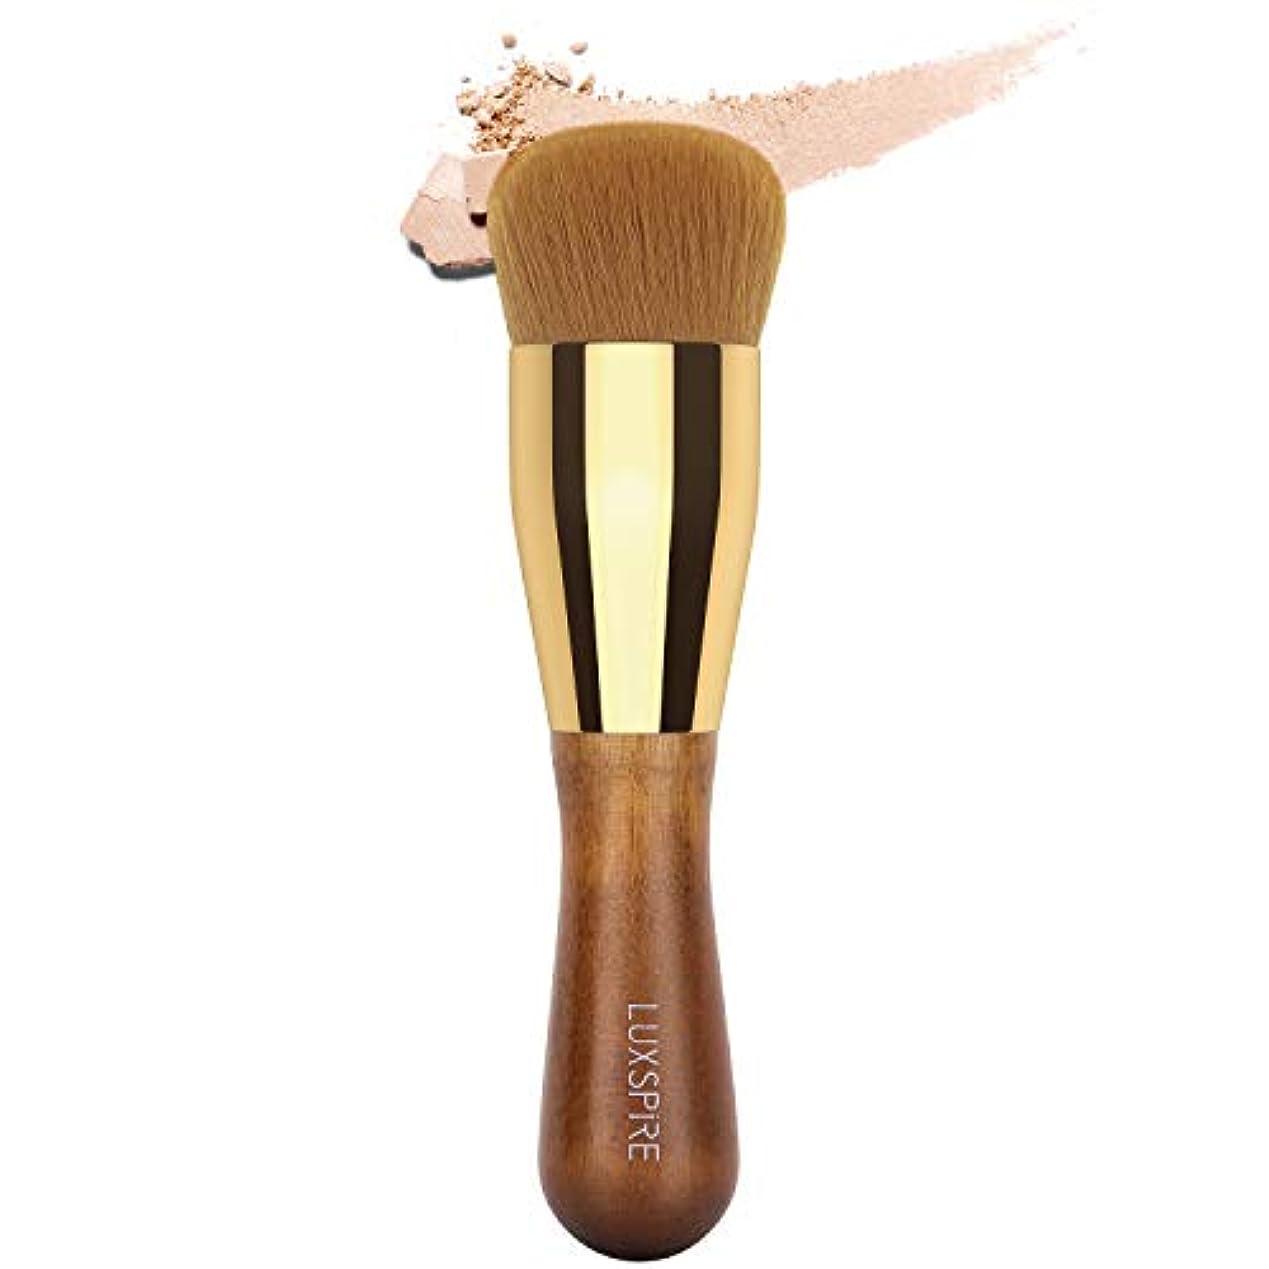 すすり泣きアウター忠誠Luxspire メイクブラシ ファンデーションブラシ 化粧筆 木製ハンドル 繊維毛 旅行出張用 多機能 超柔らかい ふわふわ 肌色